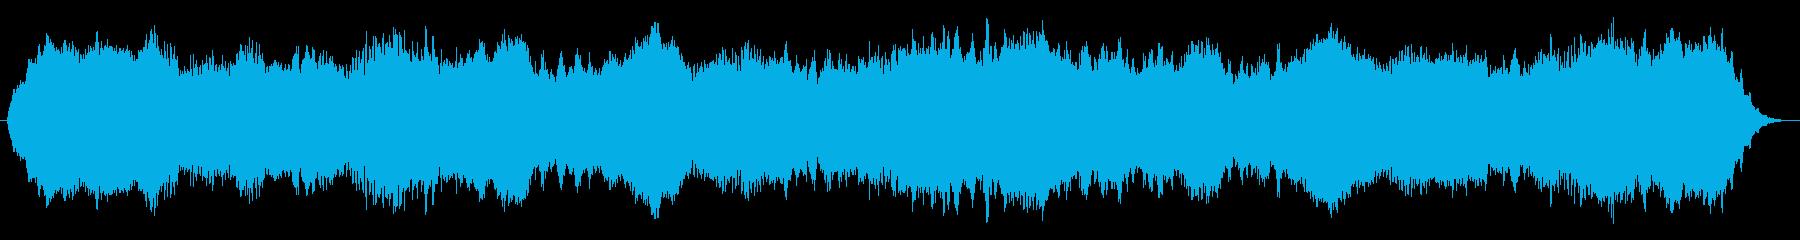 一瞬次元が歪むような雰囲気のホラーBGMの再生済みの波形